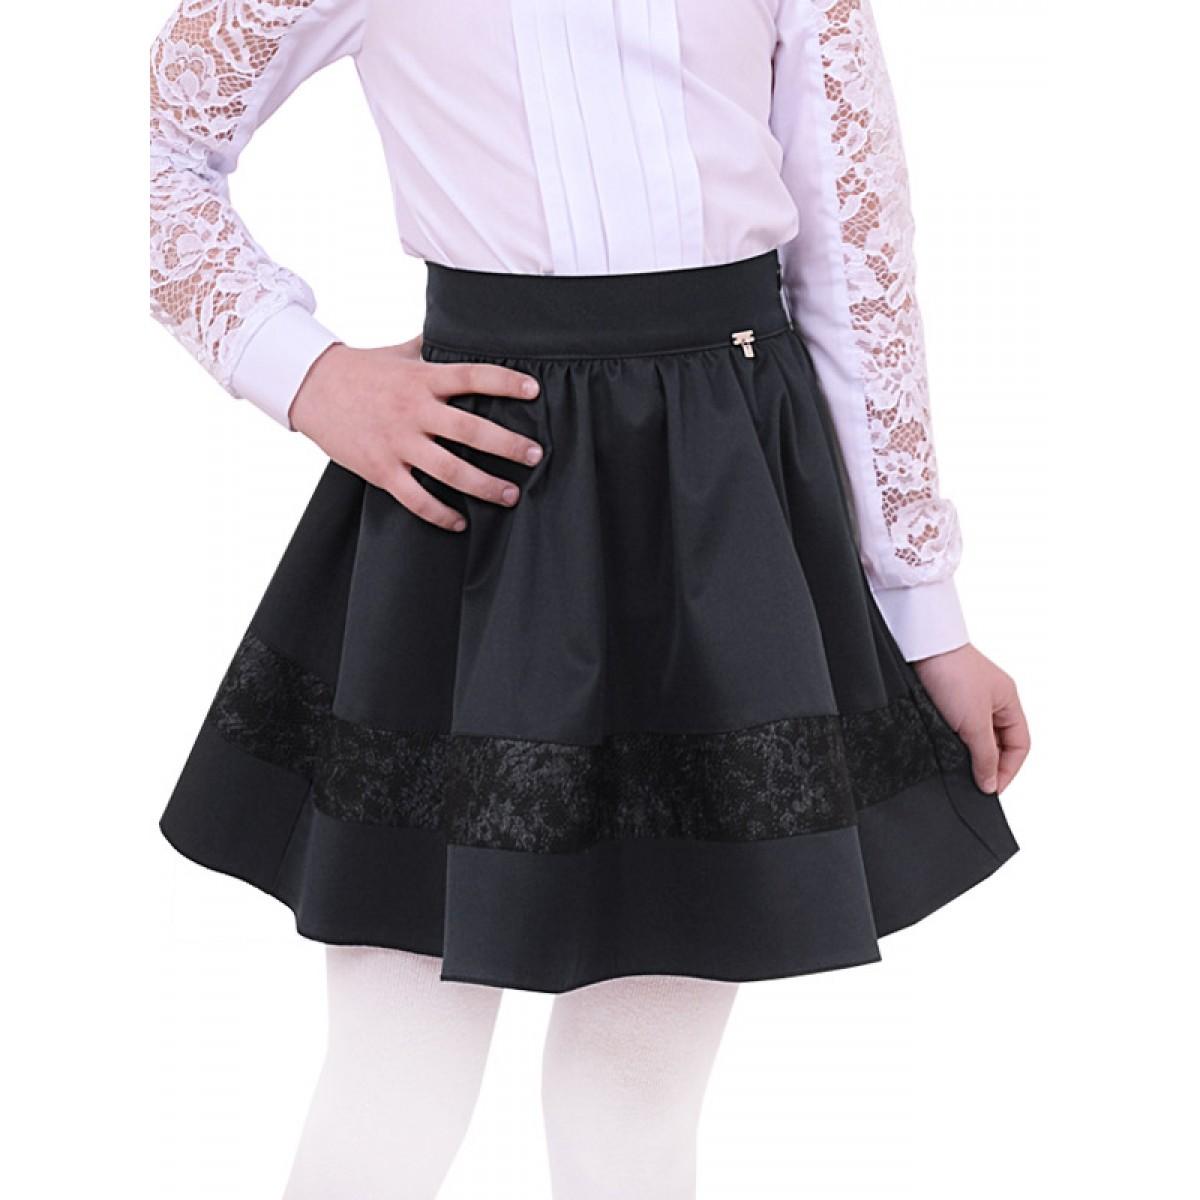 Школьная юбка в складку своими руками фото 852